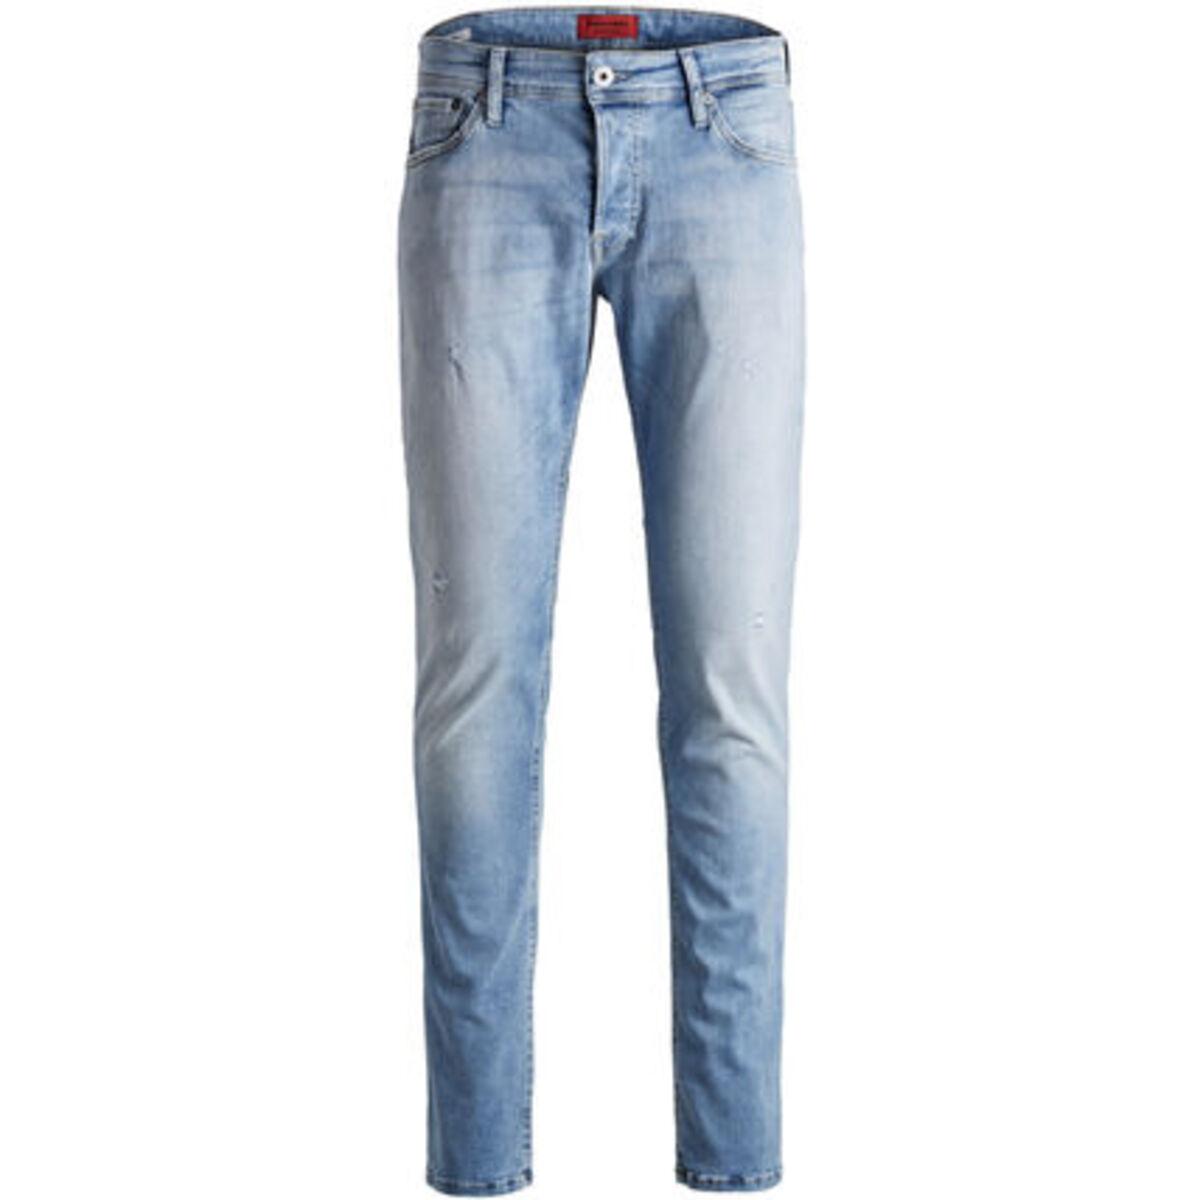 Bild 1 von Jack & Jones Glenn Original Jeans, Slim Fit, Tapered, Low Rise, Waschung, für Herren